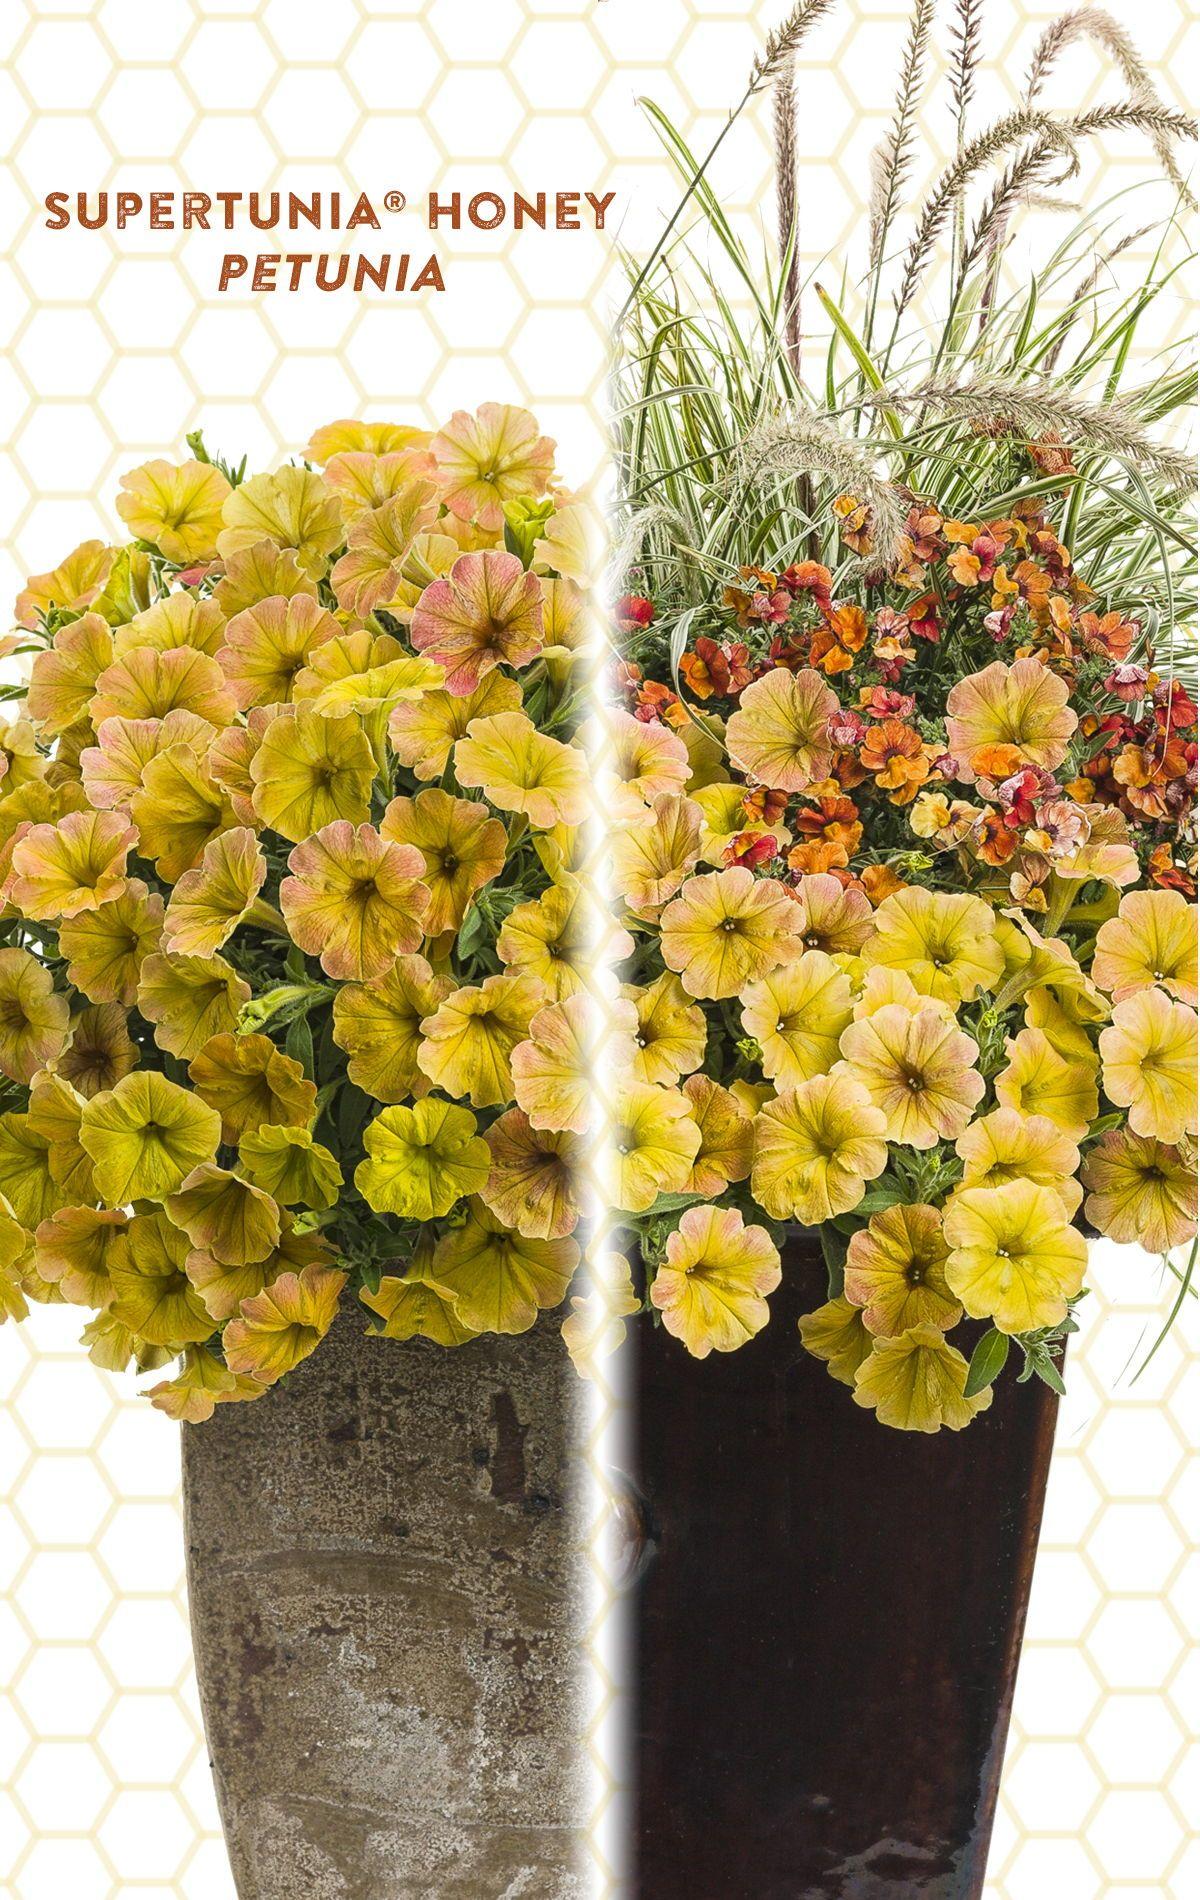 Supertunia Honey Petunia Hybrid In 2020 Container Flowers